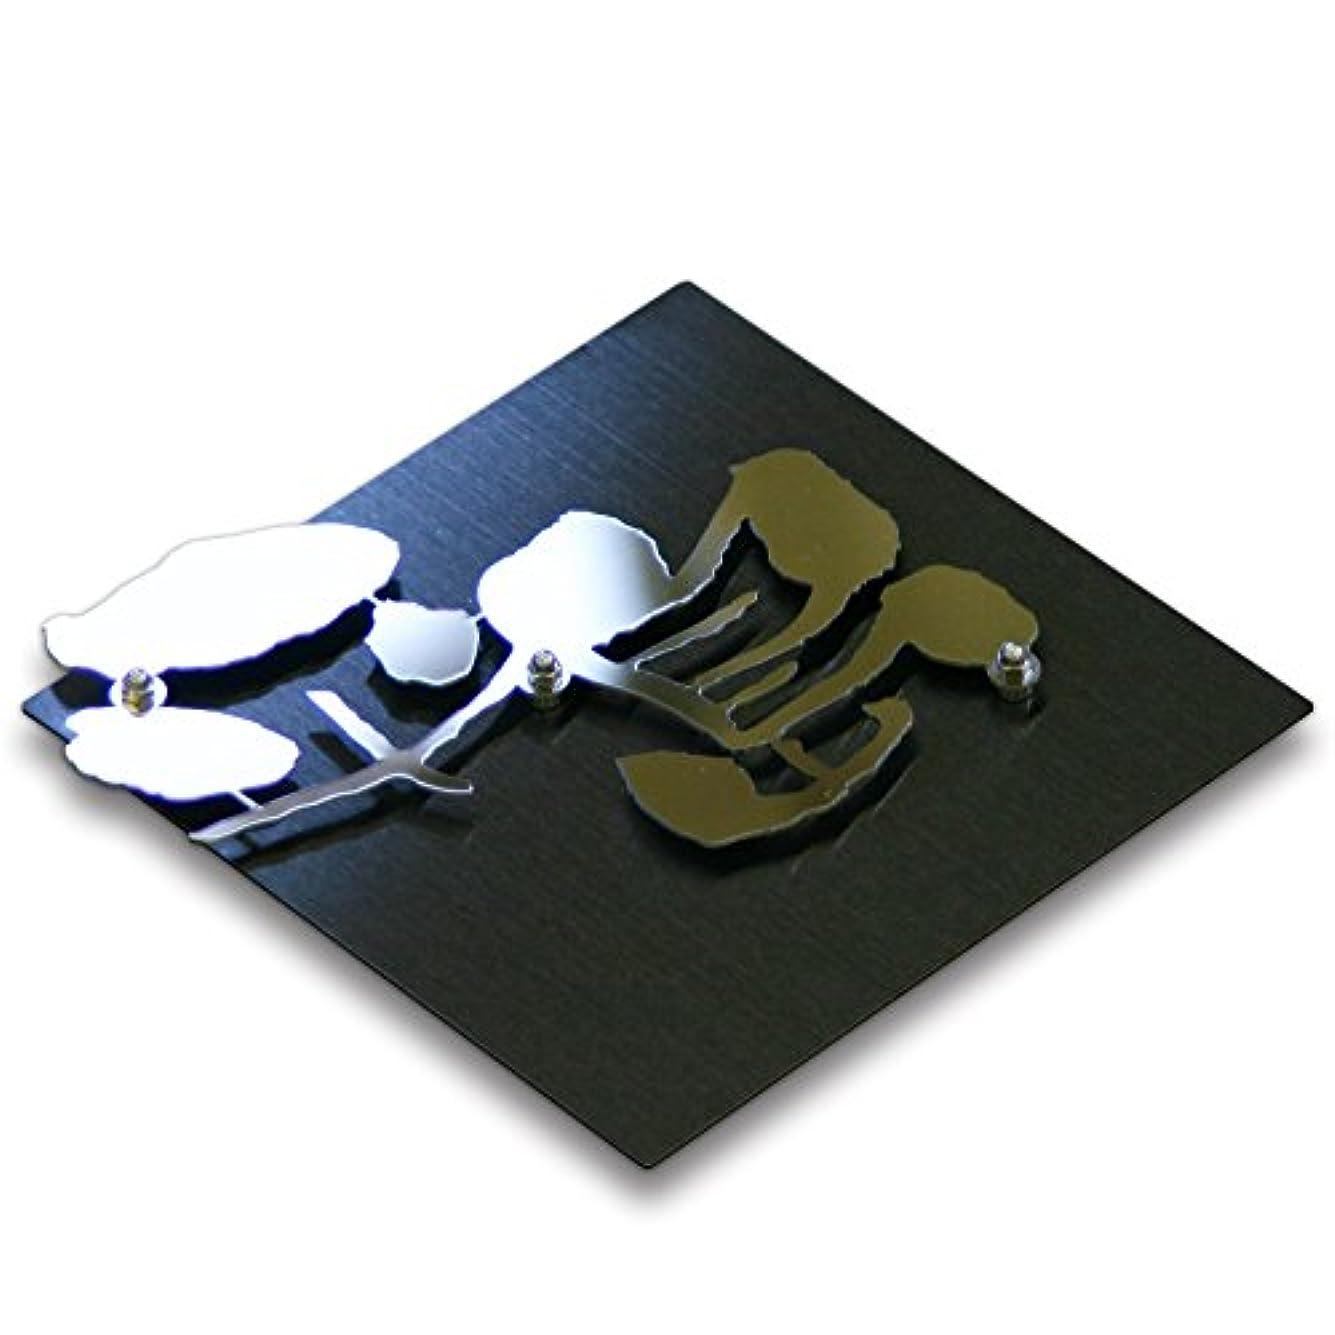 前任者文化実現可能性表札 デザイナーズ表札「あかりKUROGANE 150×150」正方形、文字レーザー切抜き加工仕上げです。文字ステンレス鏡面、最高級ブラックステンレスヘアーライン使用。(表札工房あかりオリジナル表札)